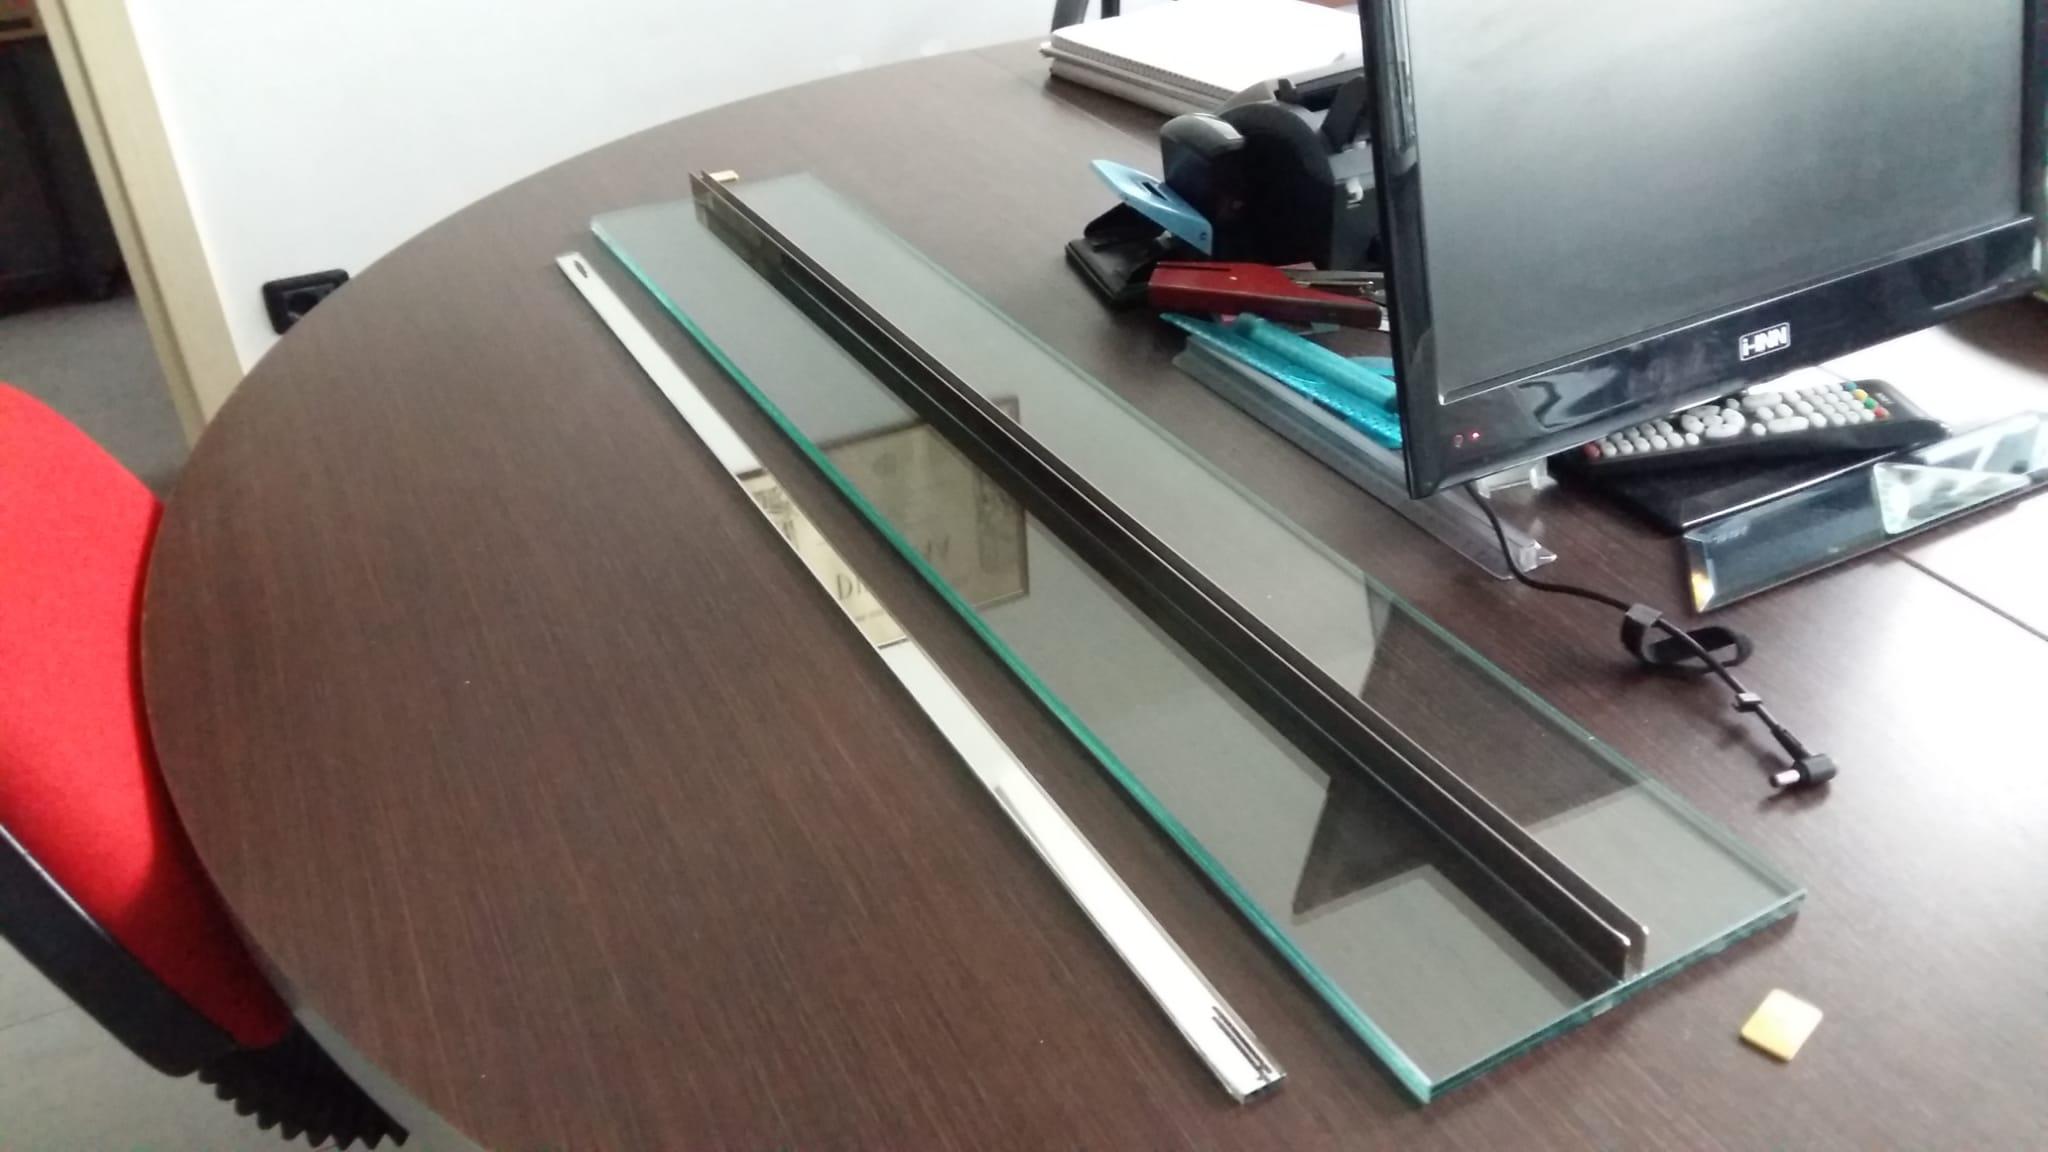 pannello di protezione da contagio in vetro e plexiglas per uffici e postazioni di lavoro o ristoranti